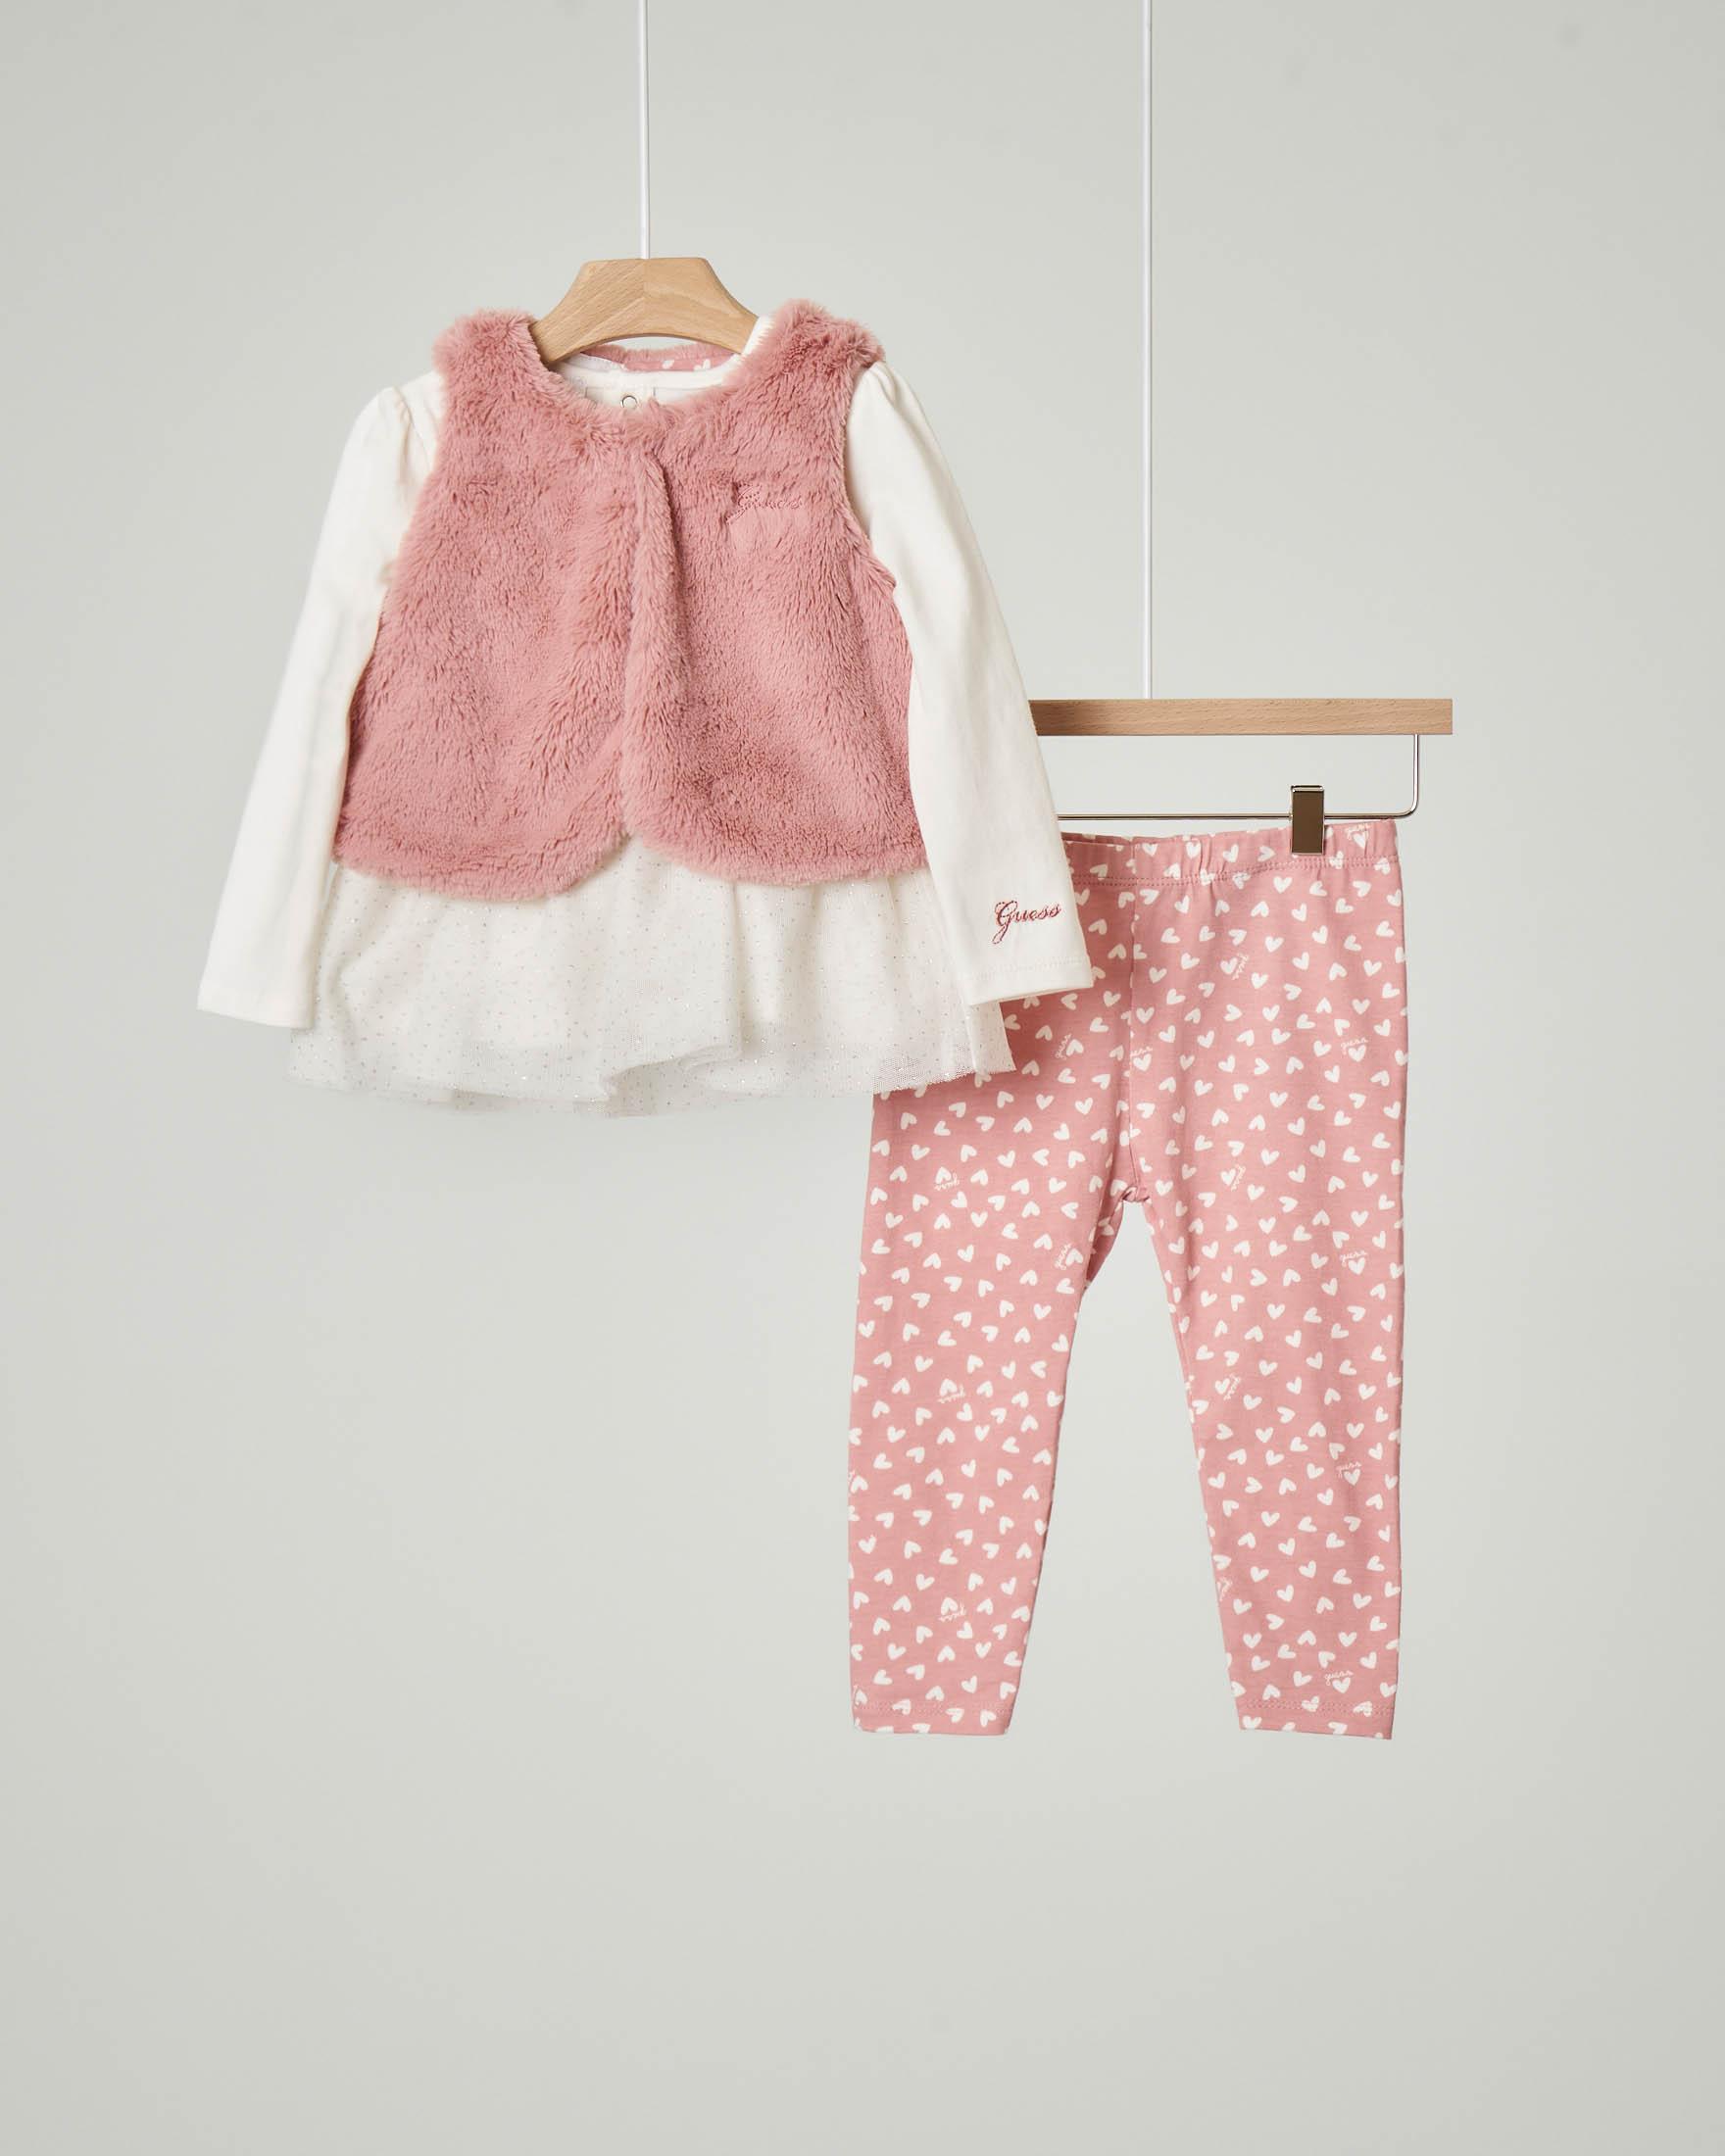 Completo maglia bianca con volant in tulle e pantalone rosa con stampa a cuoricini e gilet rosa in ecopelliccia abbinato 9-24 mesi